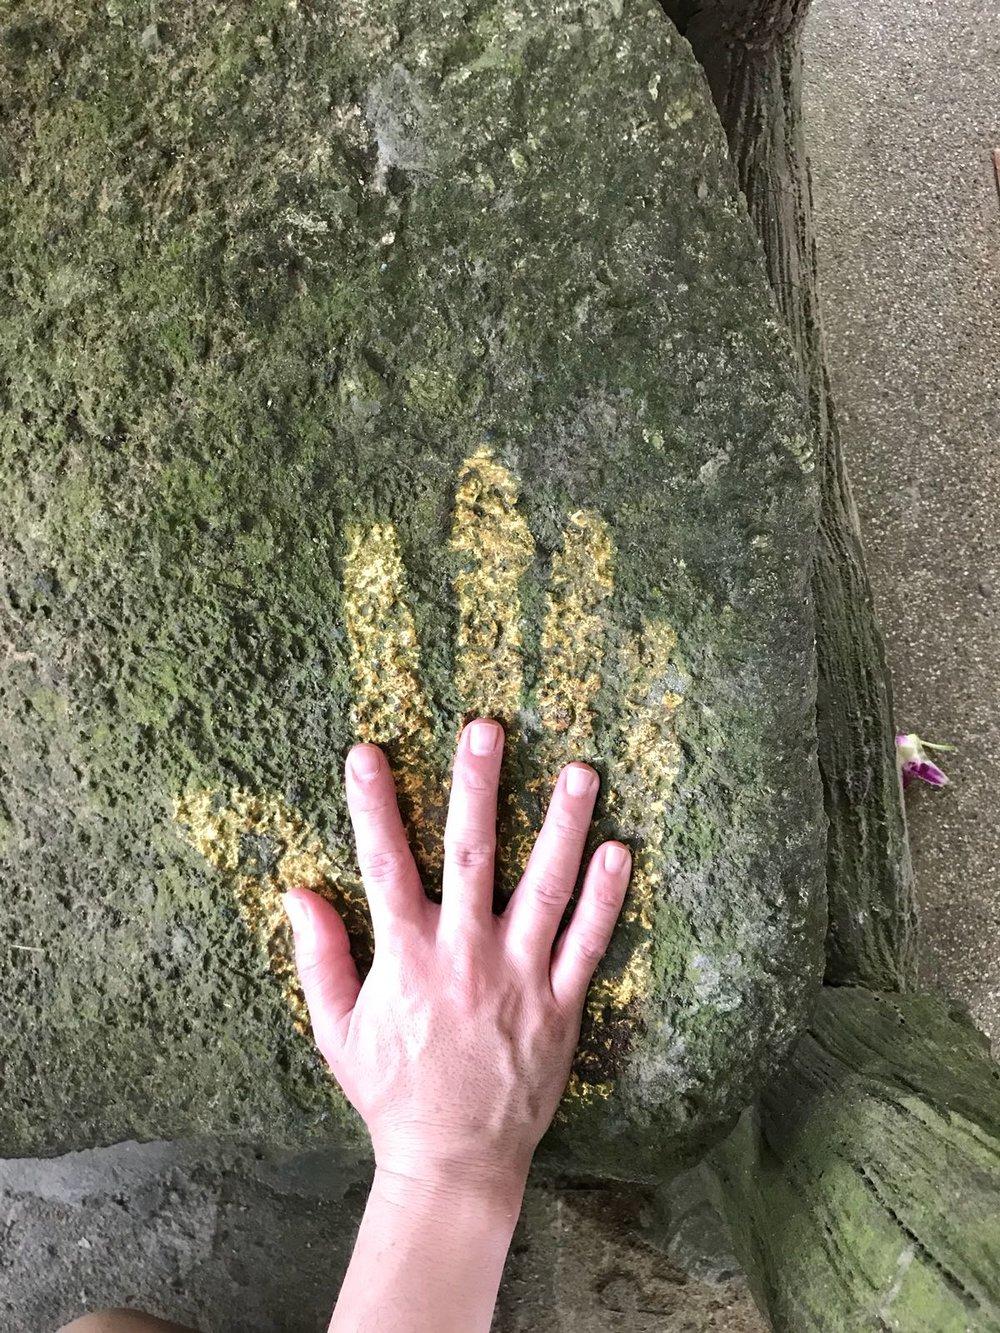 佛陀的遗迹-巨大的掌印